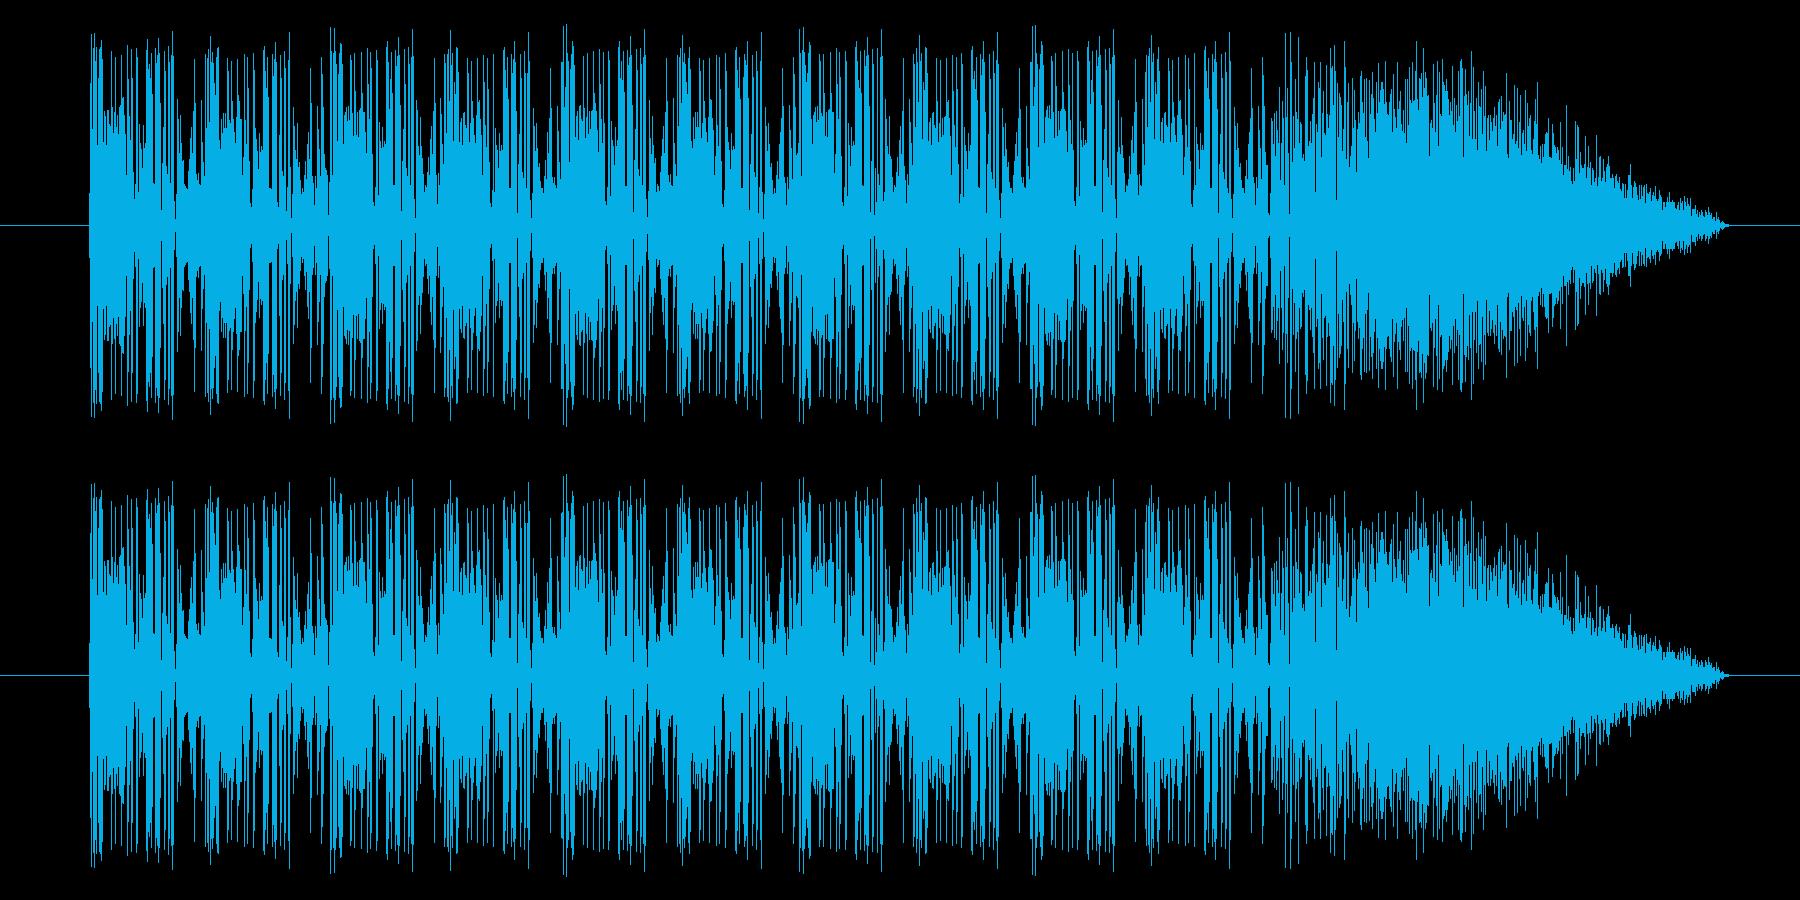 【NES RPG01-07(倒す)】 の再生済みの波形